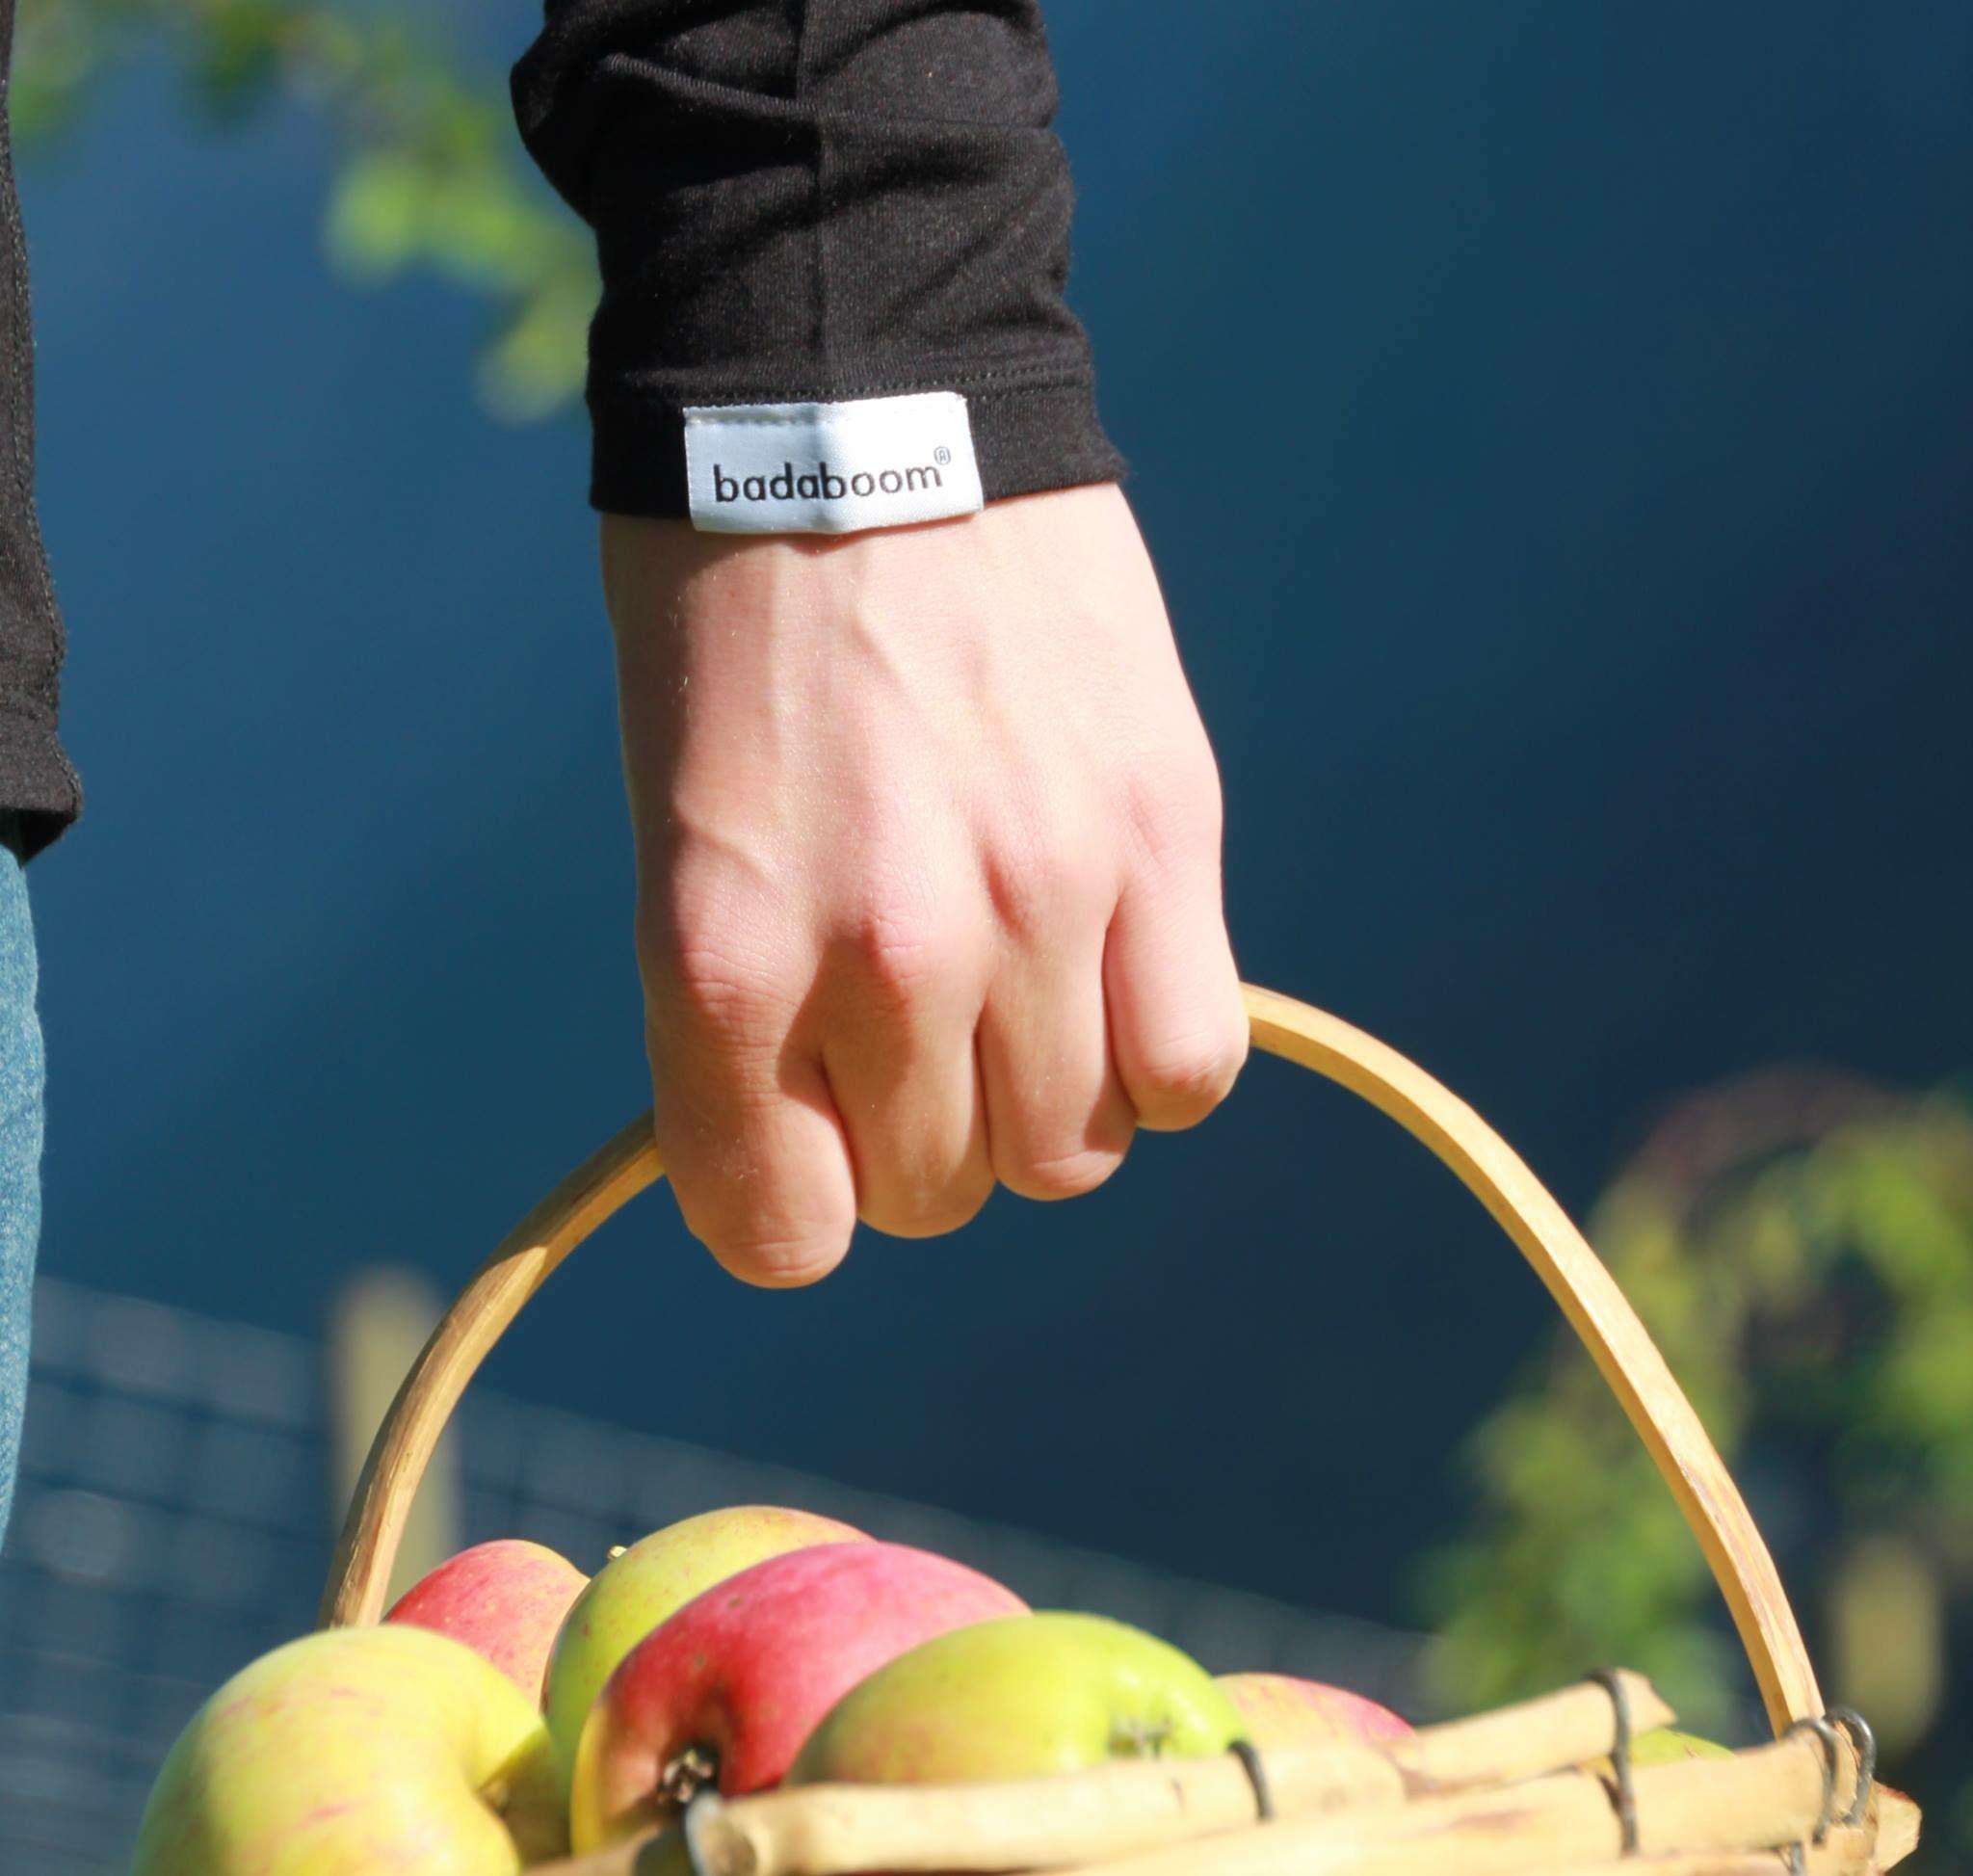 #badaboom #magisk #bambusinnerst #kroppsnær #bambus #ull #bomull #silke #bambusviskose #design #scandinaviandesign #scandinavian #norsk #grunder #bergen #askøy #vestlandet #hverdagslykke #hverdagsmagi #hverdagsluksus #miljøvennlig #eksem #atopiskeksem #mykt #kløfritt #økologisk #trening #superundertøy #klær #undertøy #nettbutikk #sportsundertøy #klærpånett #barneklær #eple #epleøsting #sommerlykke